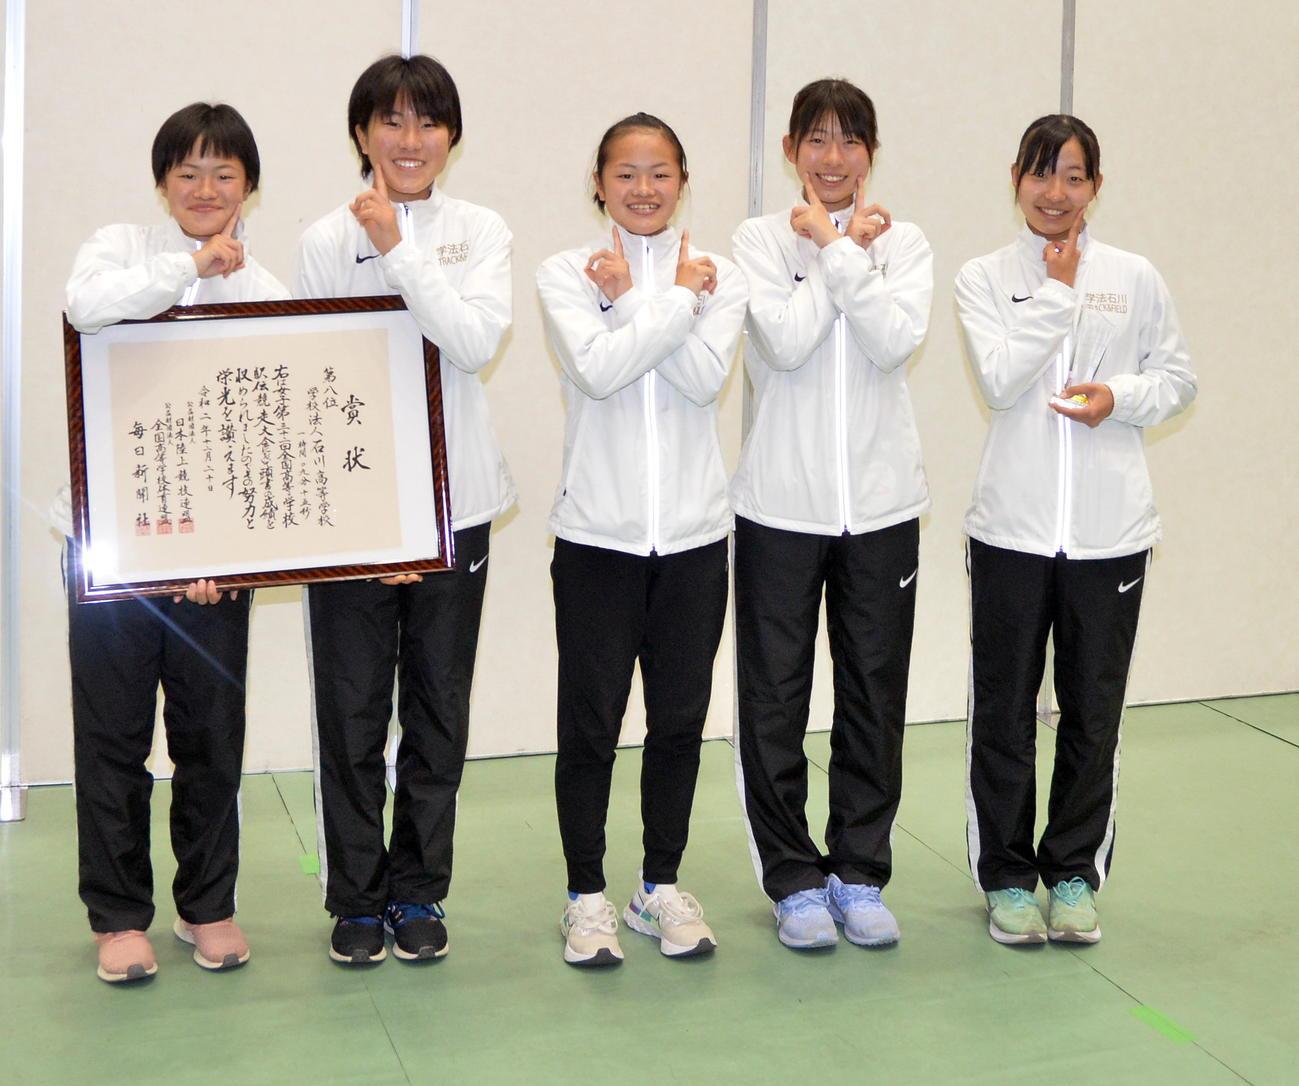 8位で初入賞を果たした学法石川の選手たち(撮影・佐藤究)